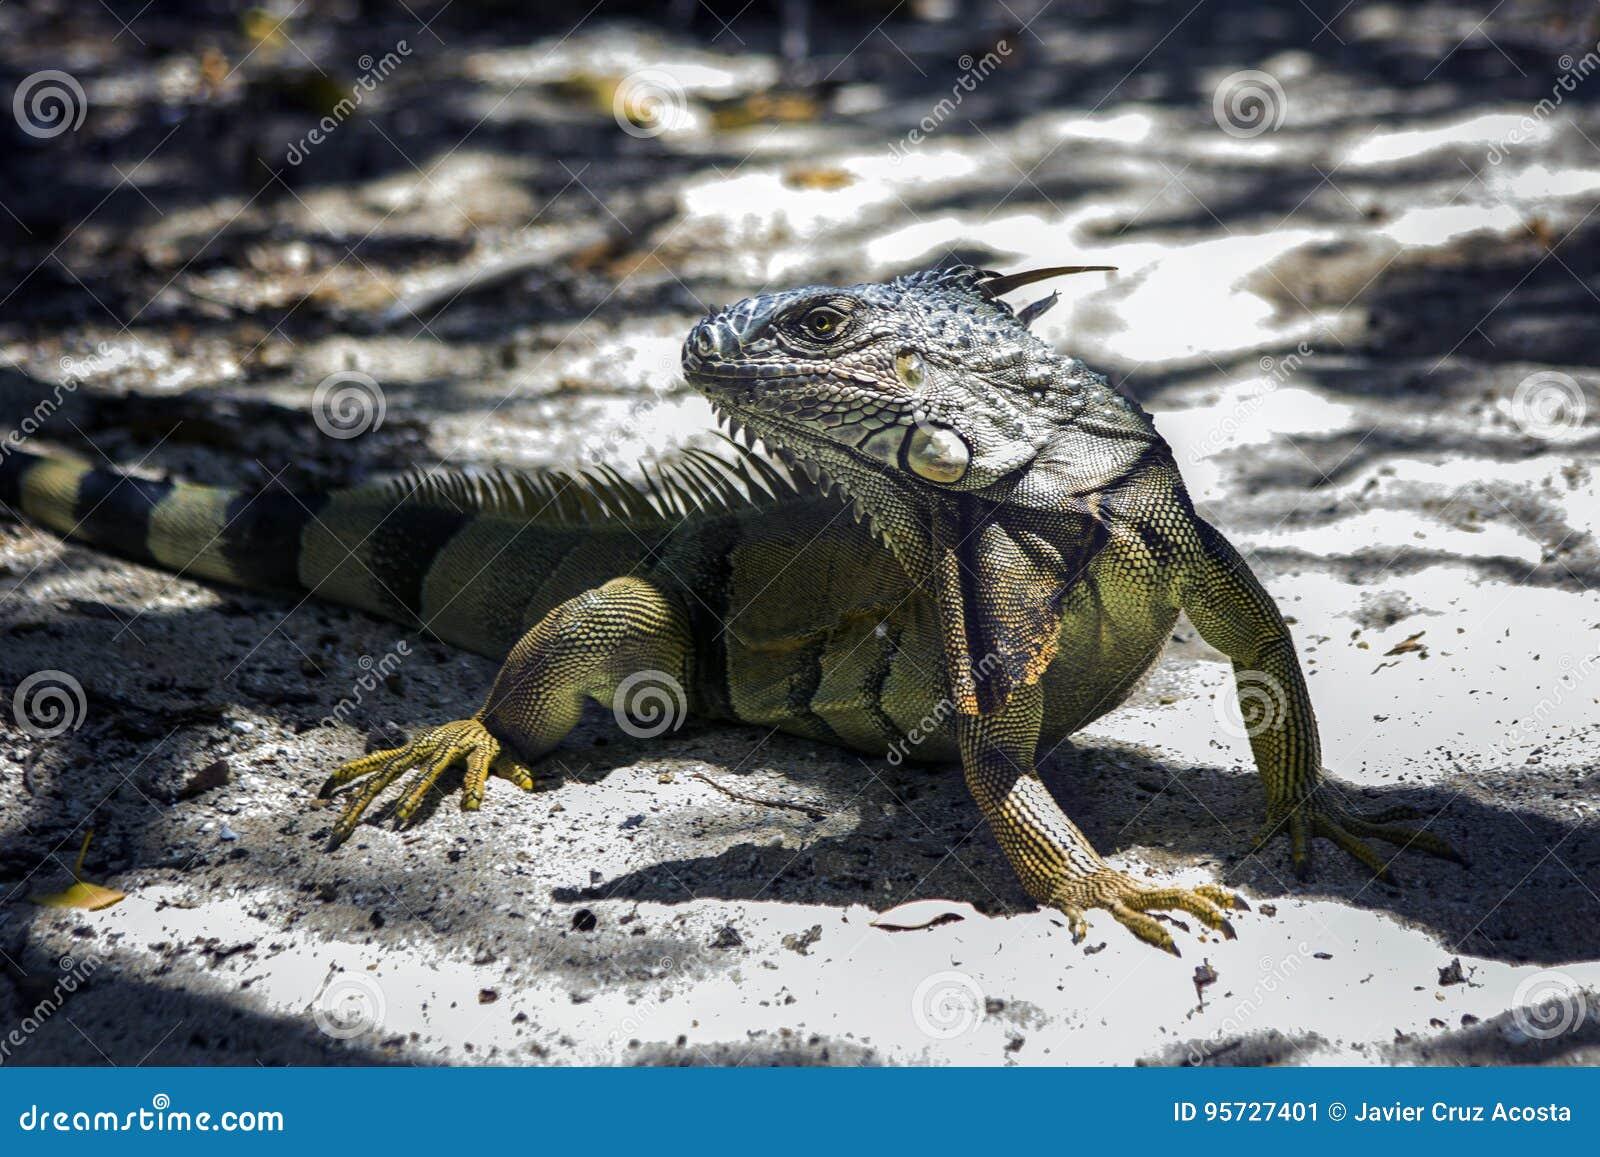 Iguana from Puerto Rico